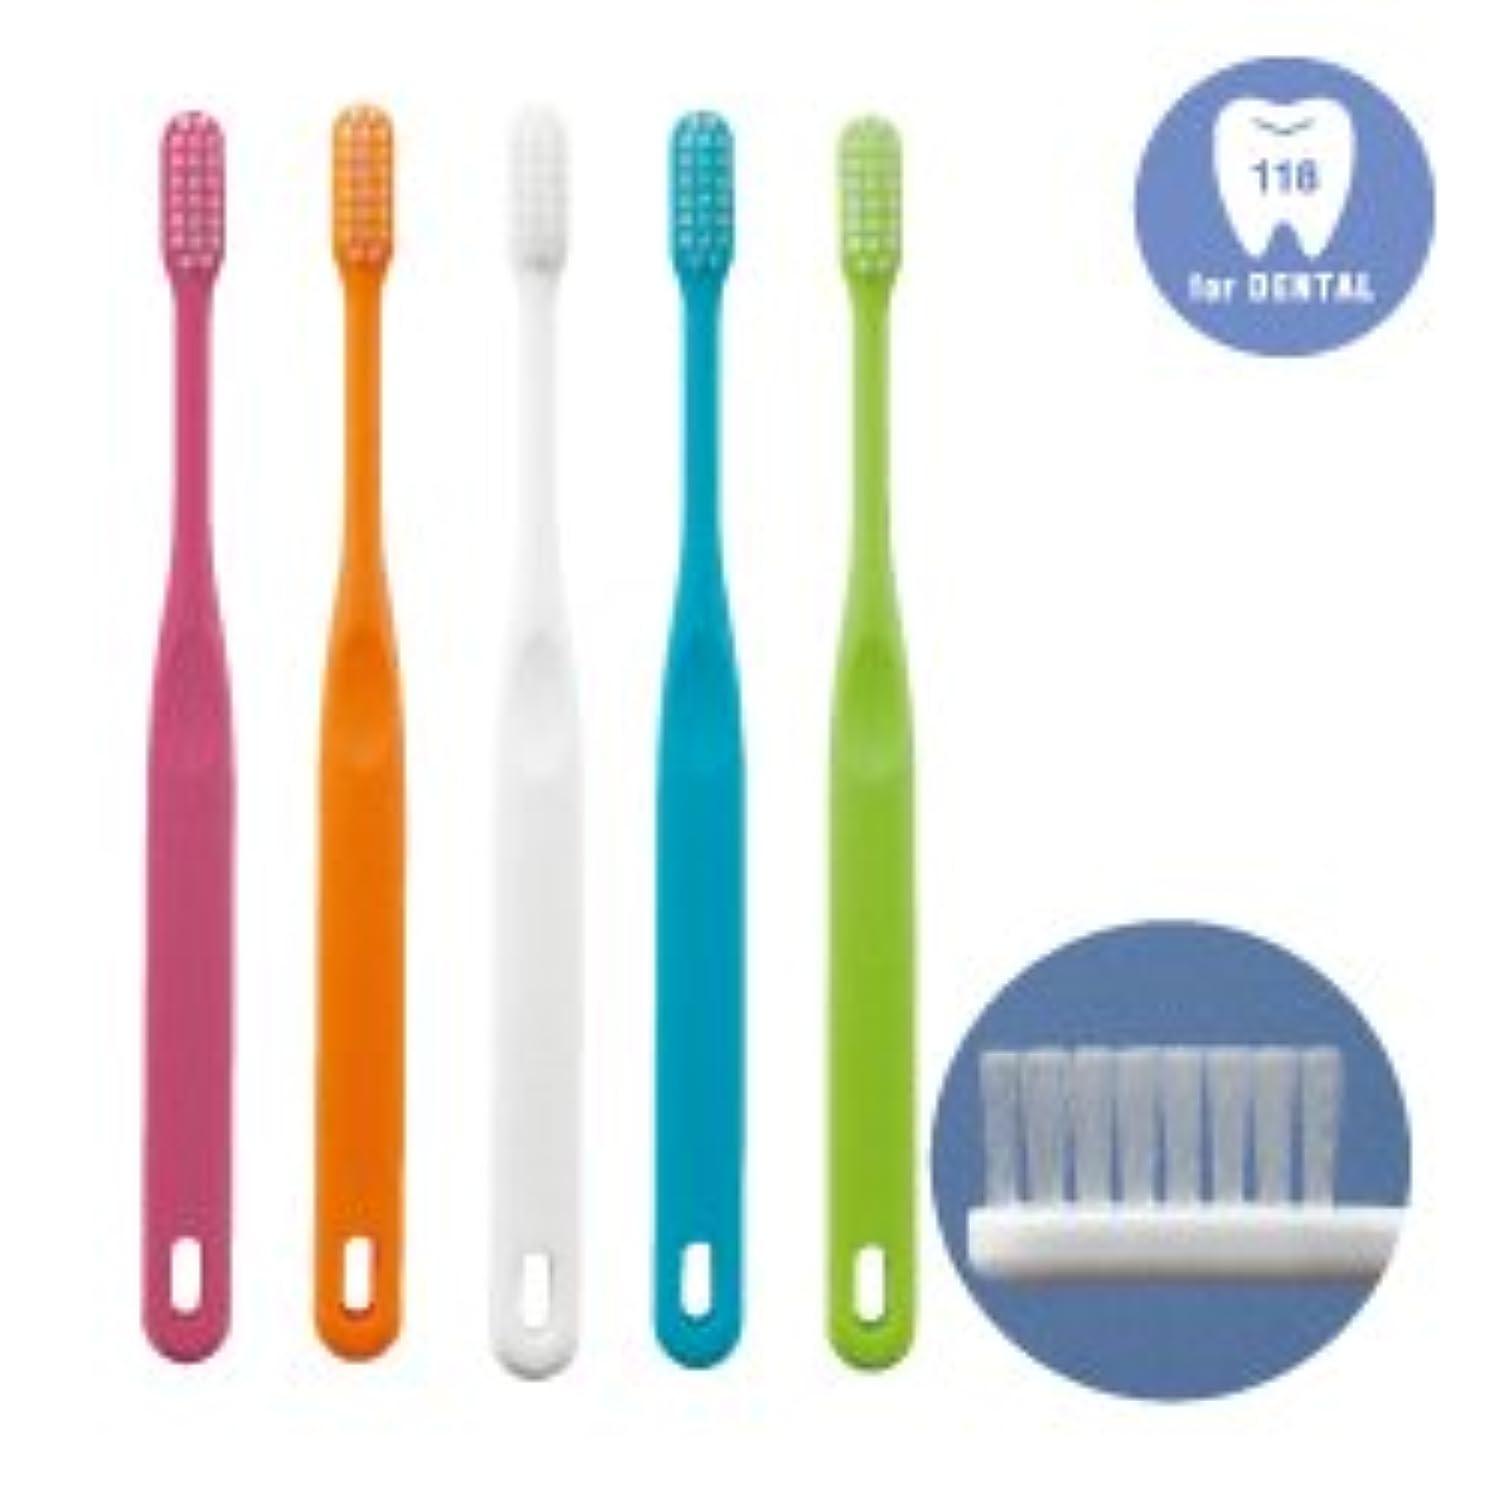 研究所中古干し草歯科専用歯ブラシ「118シリーズ」Advance(アドバンス)M(ふつう)25本